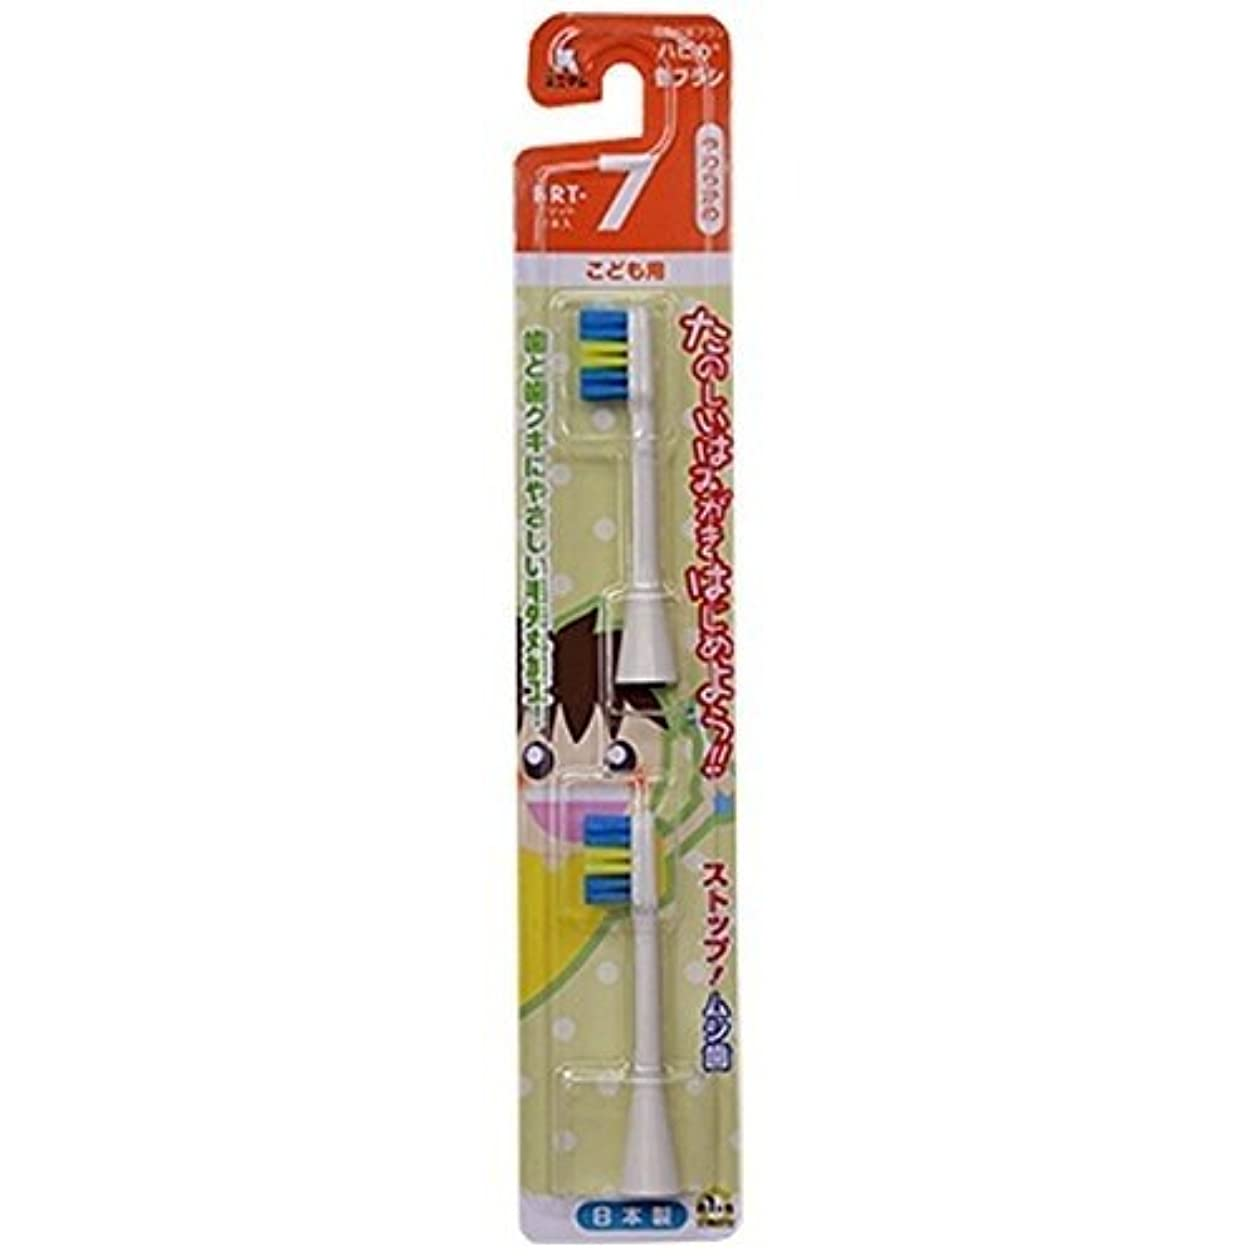 キャプションマティスブラインドミニマム 電動付歯ブラシ ハピカ 専用替ブラシ こども用 毛の硬さ:やわらかめ BRT-7 2個入